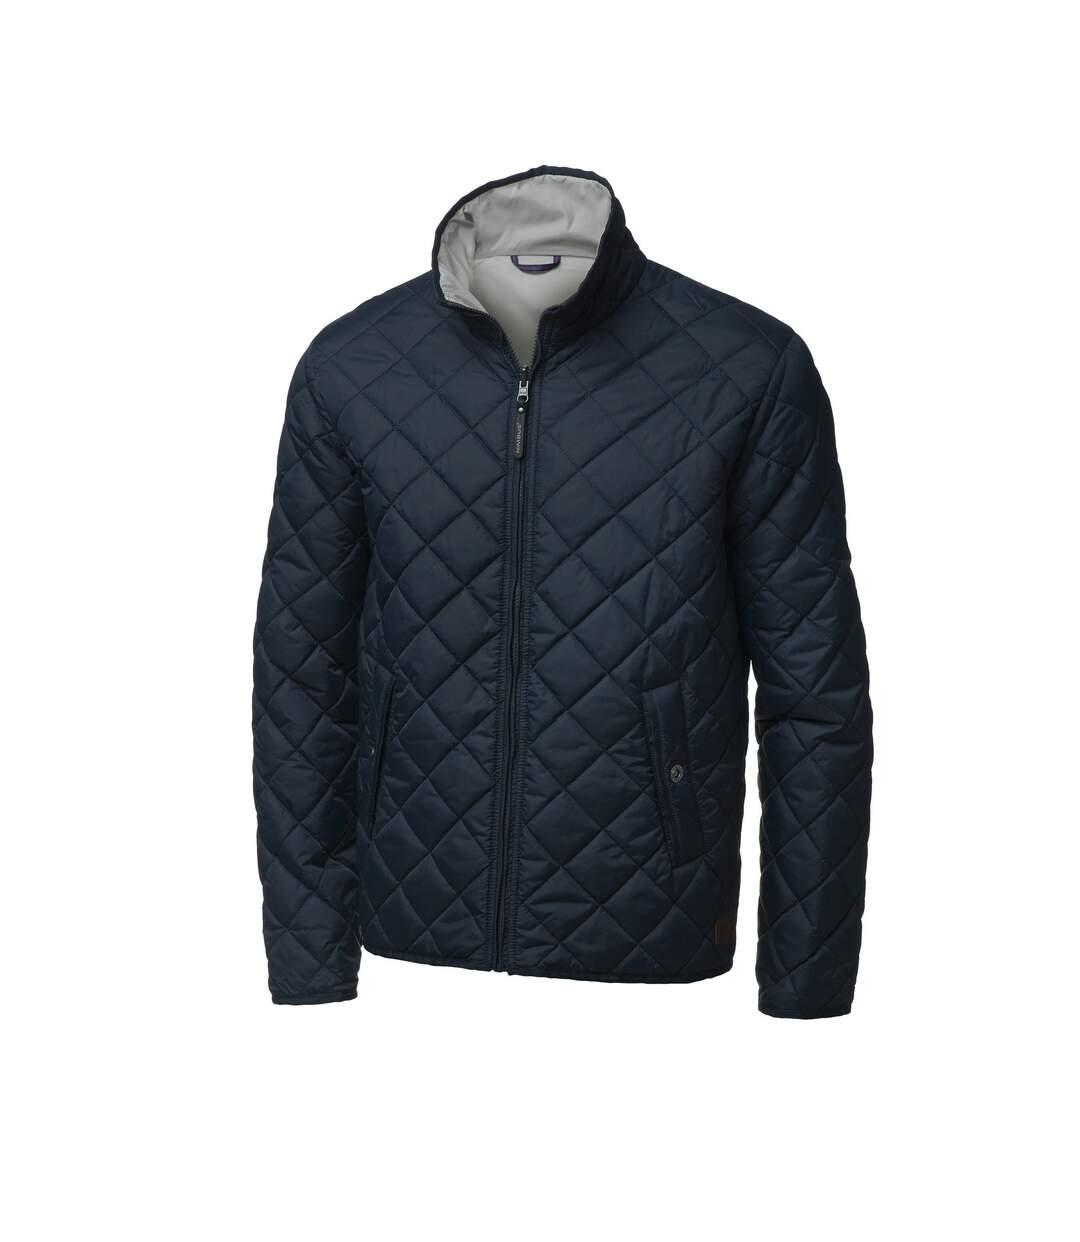 Nimbus Mens Leyland Reversible All Weather Fashion Jacket (Navy) - UTRW4293